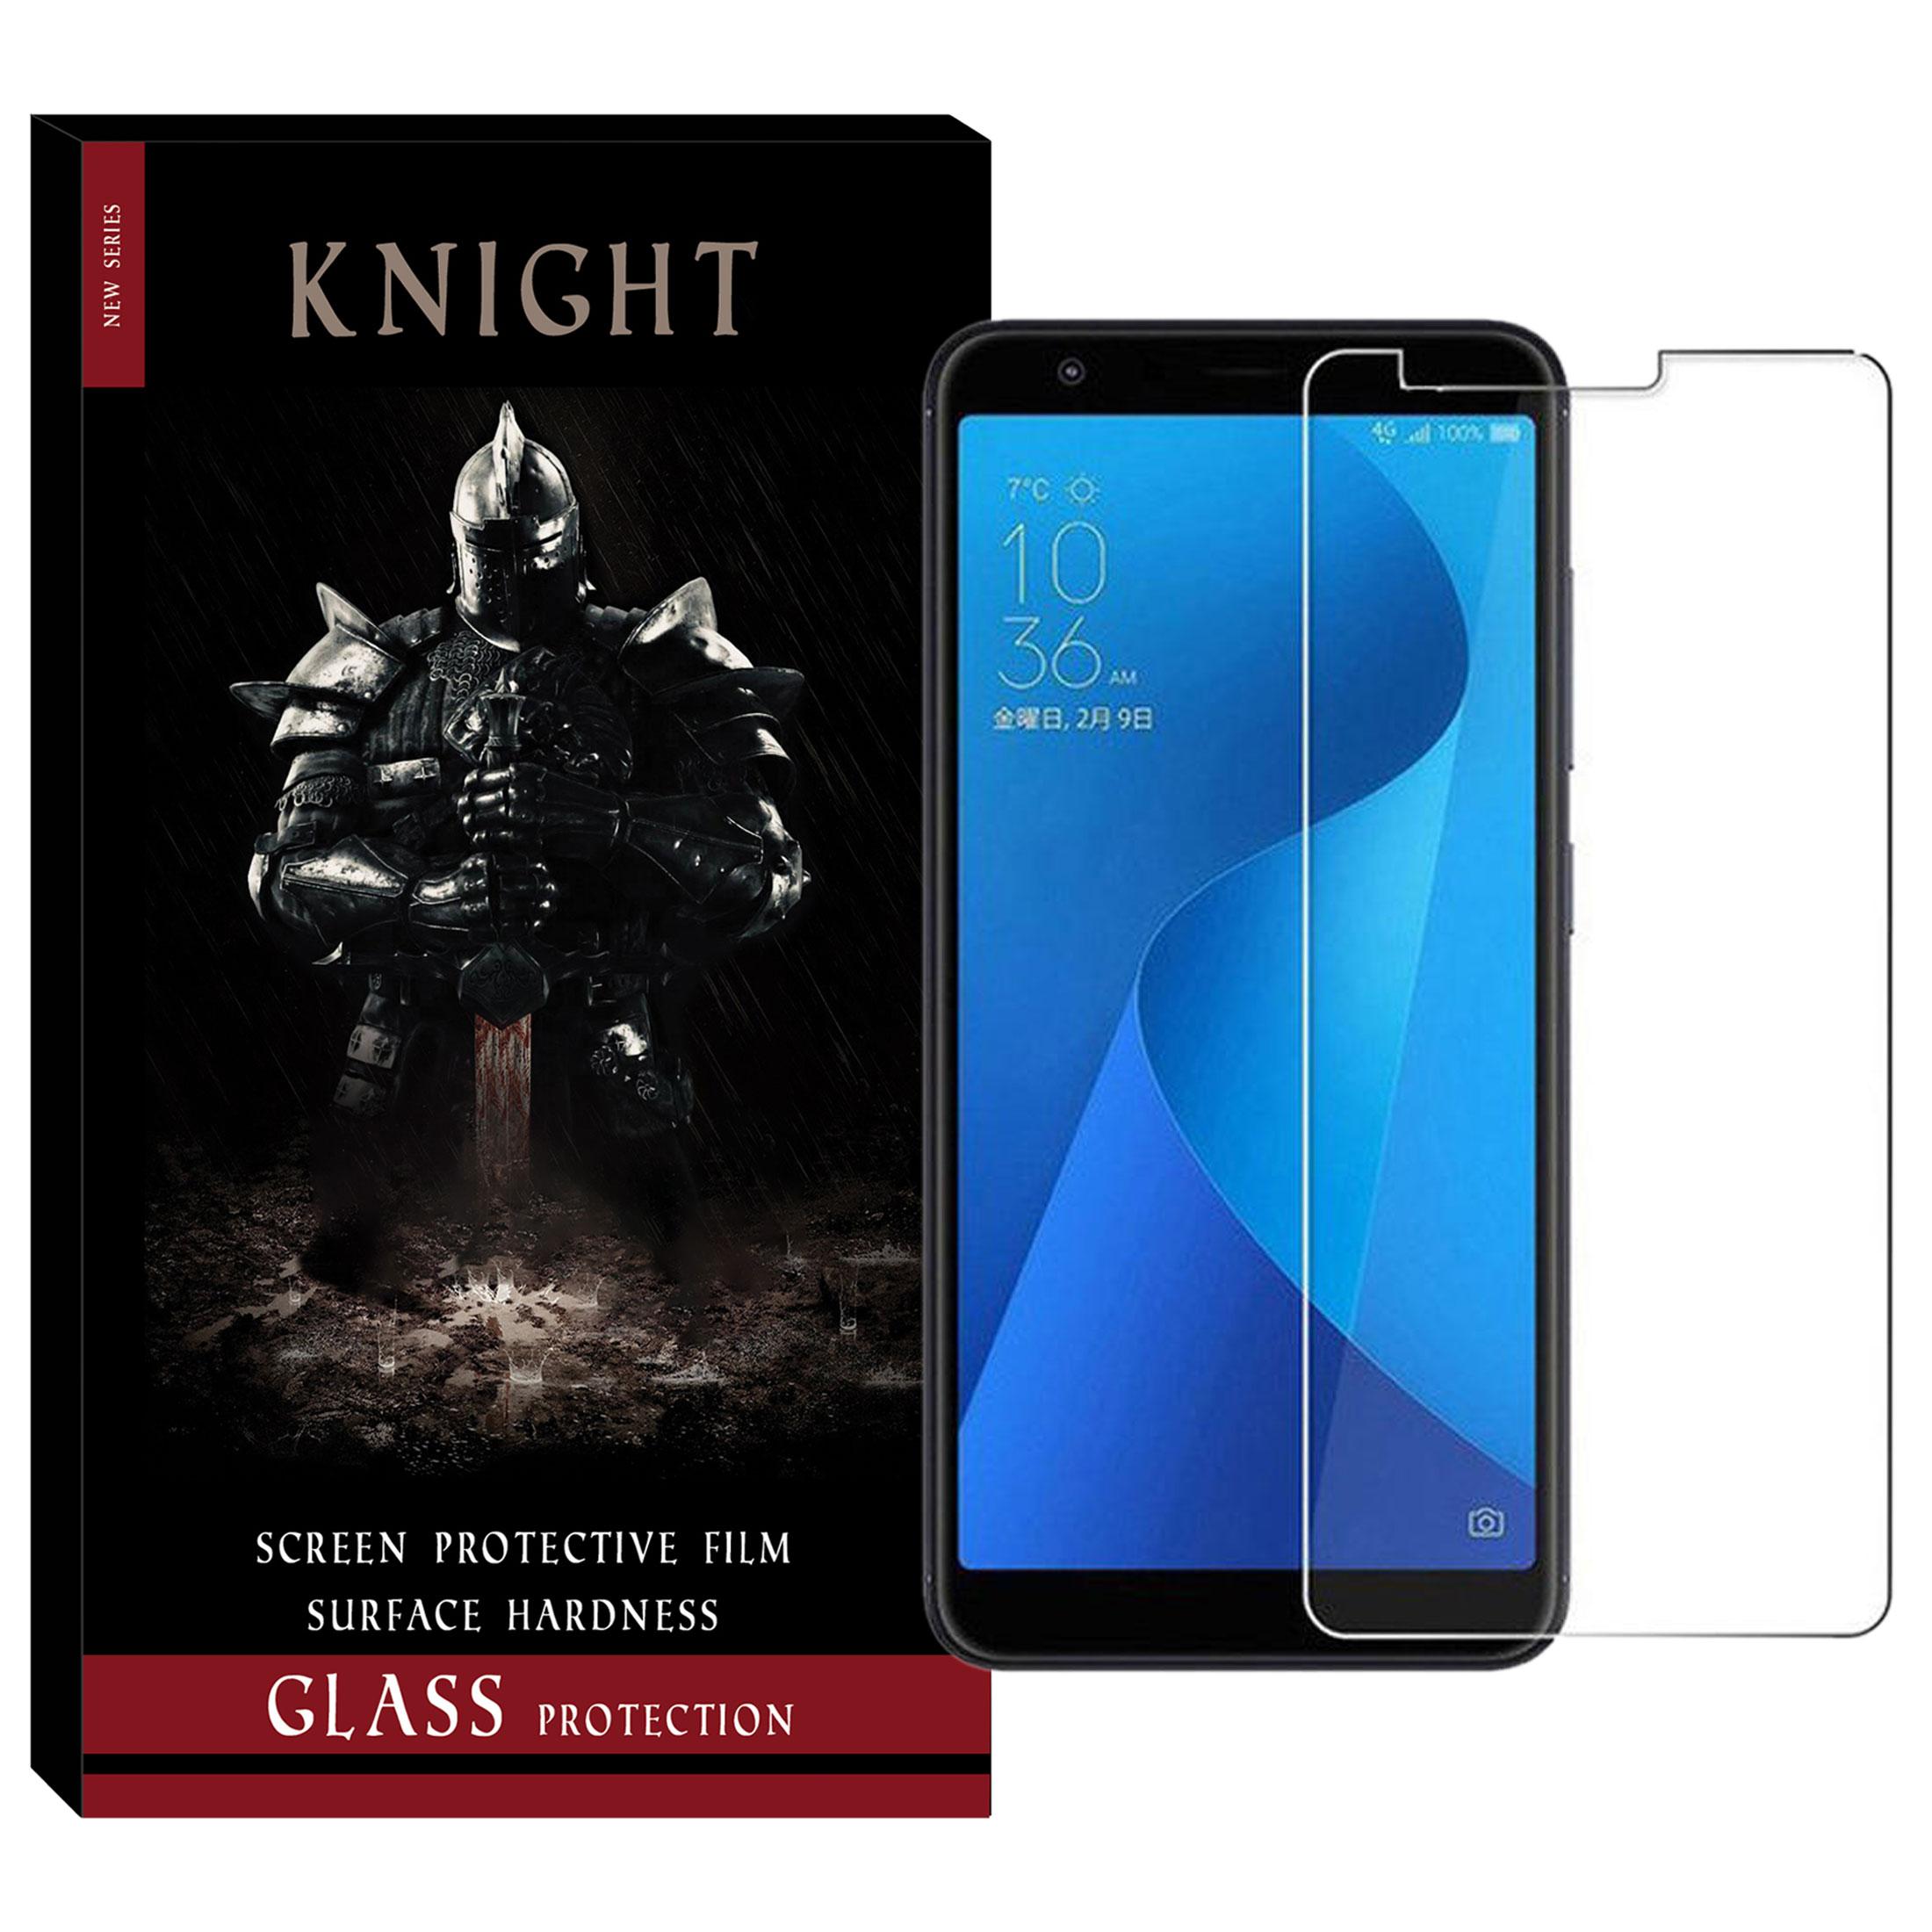 محافظ صفحه نمایش نایت مدل K-001 مناسب برای گوشی موبایل ایسوس Zenfone max plus / zb 570